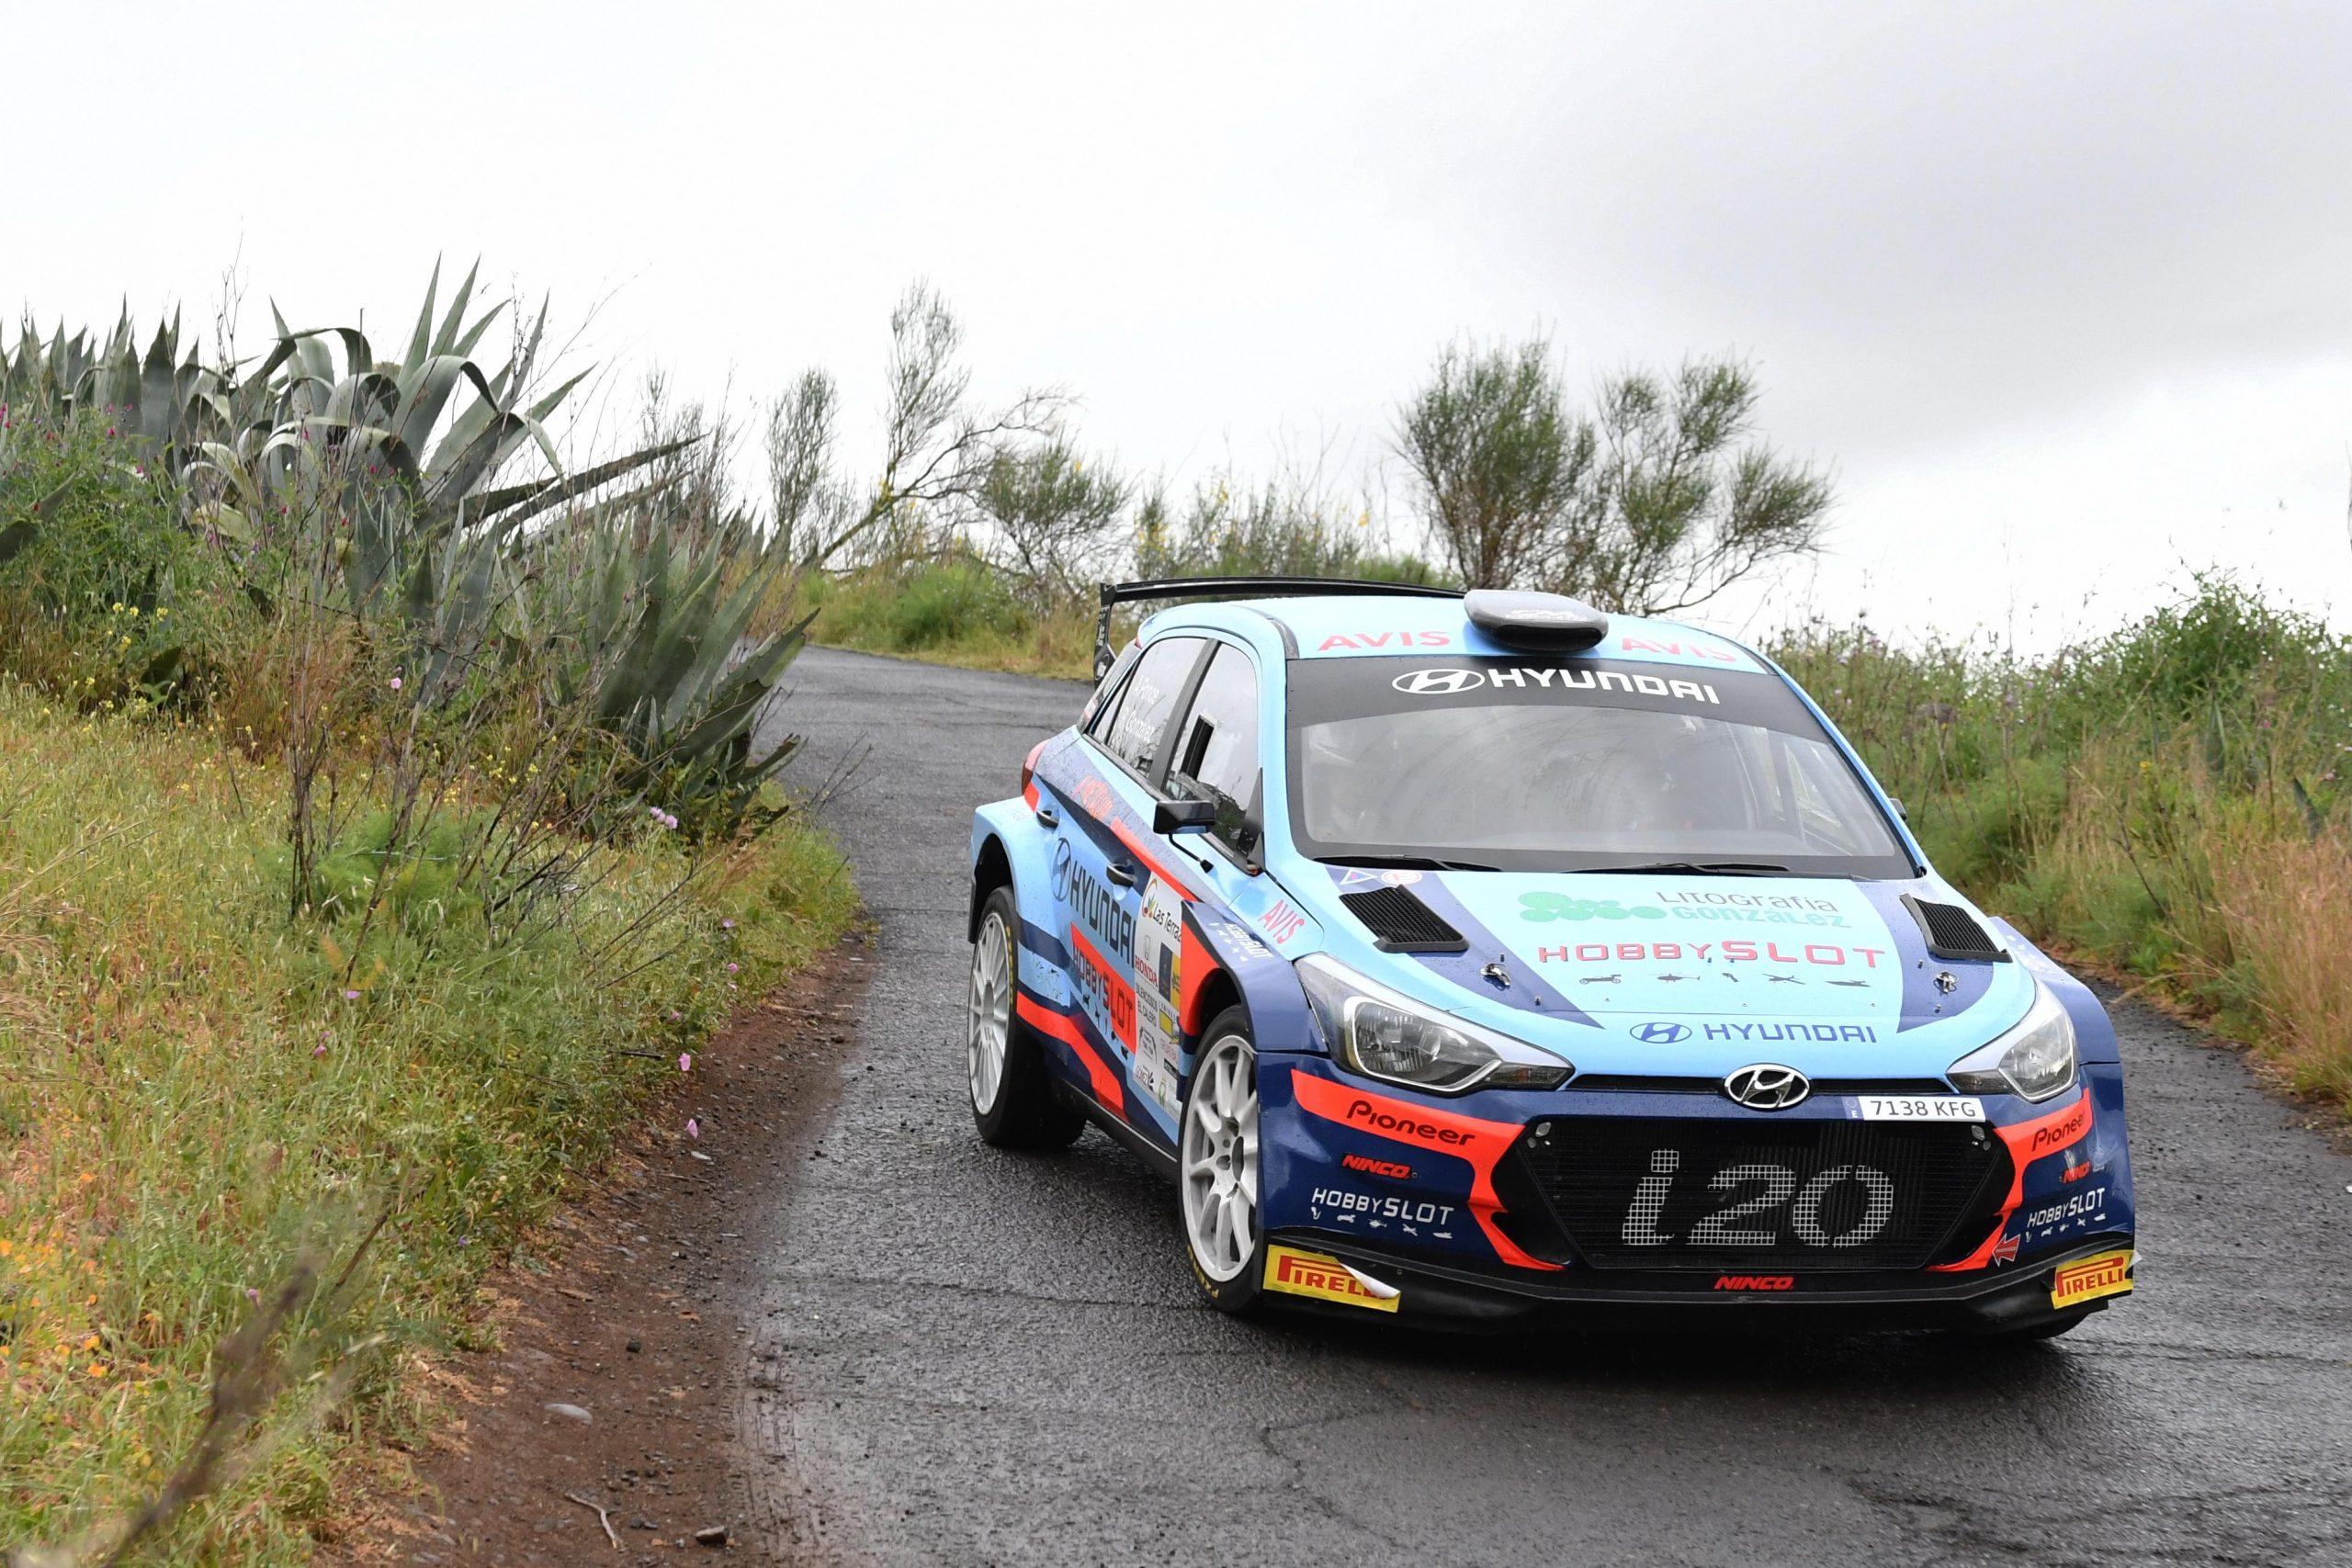 📢 Los hermanos Ponce parten como favoritos para llevarse el triunfo en el XXXV Rallye Villa de Santa Brígida